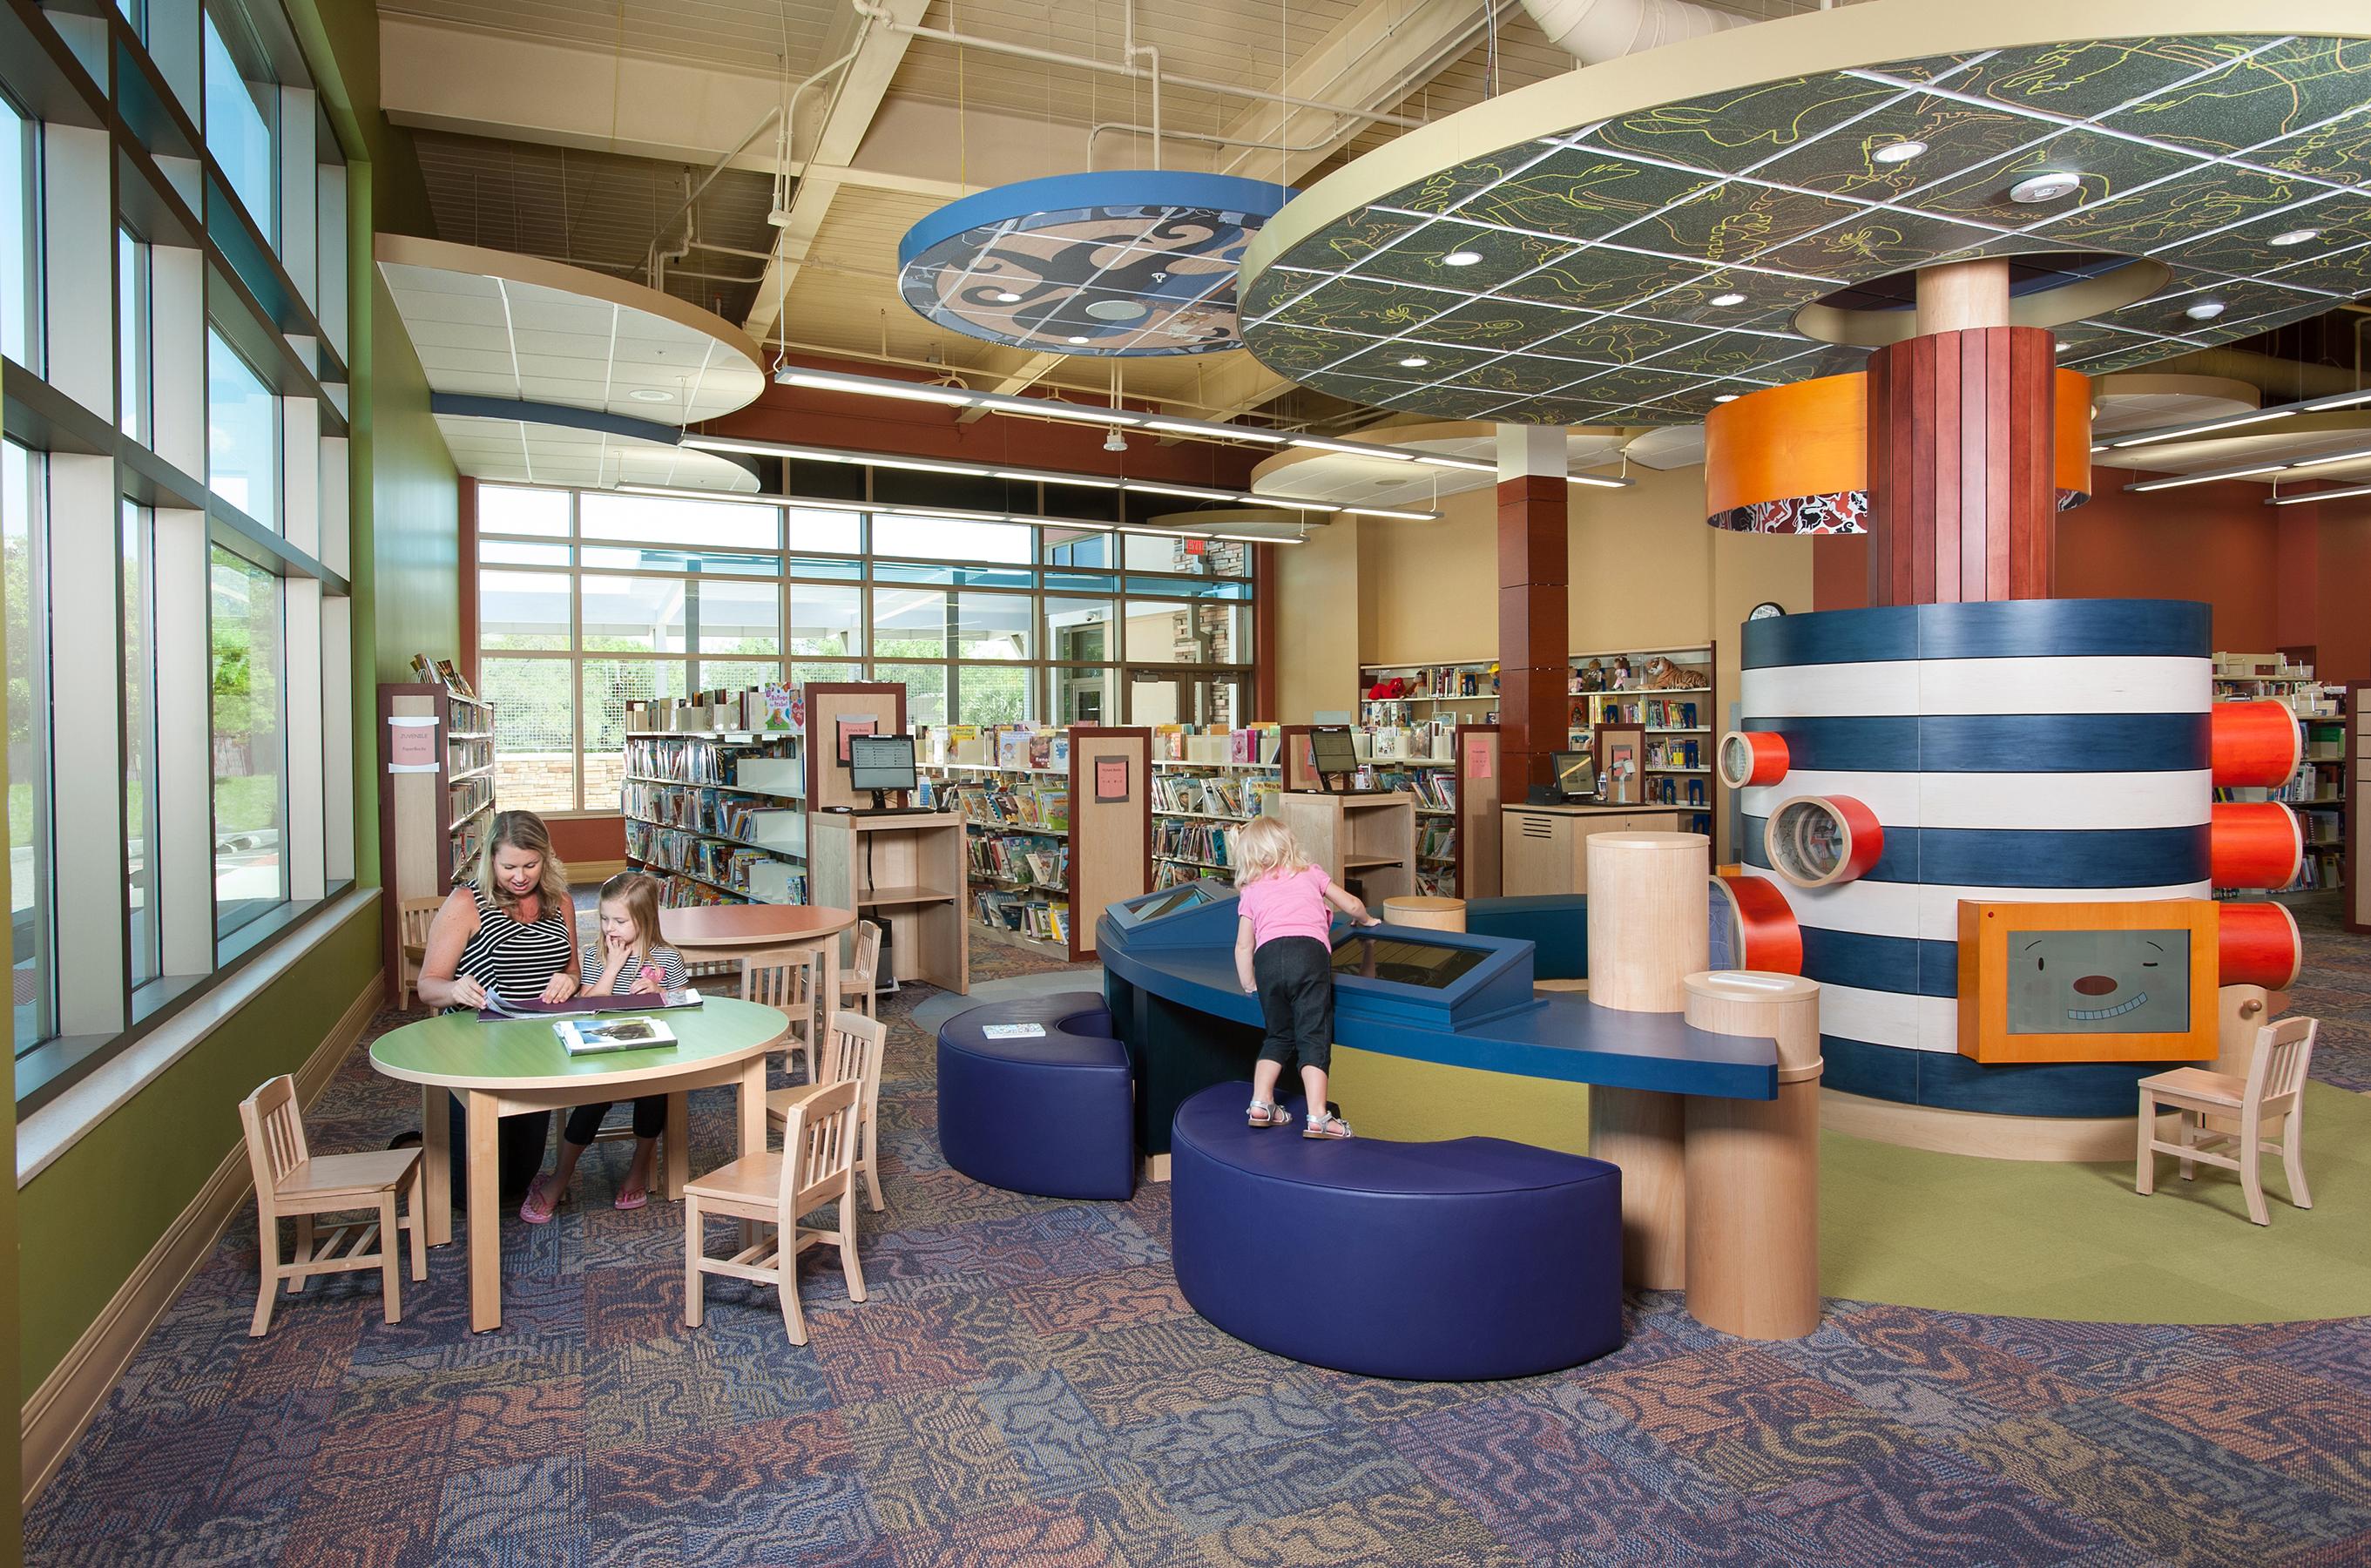 Gulf Gate Library